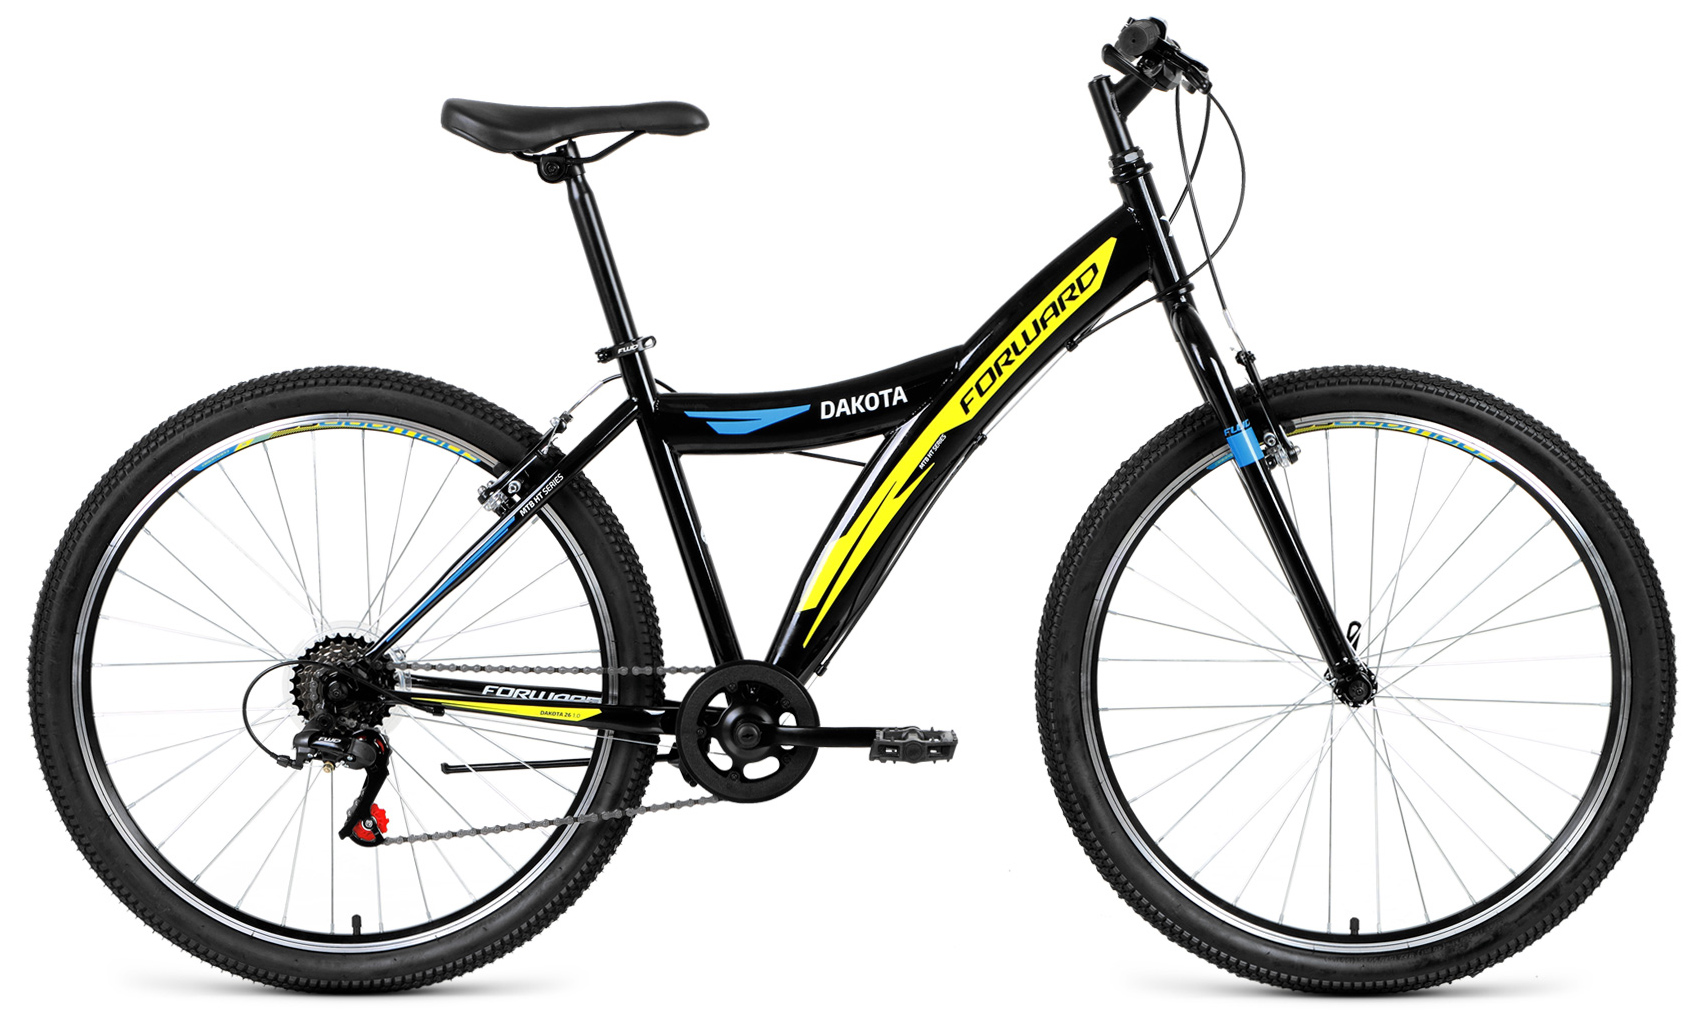 Велосипед Forward Dakota 26 1.0 2019 велосипед forward rivera 1 0 2018